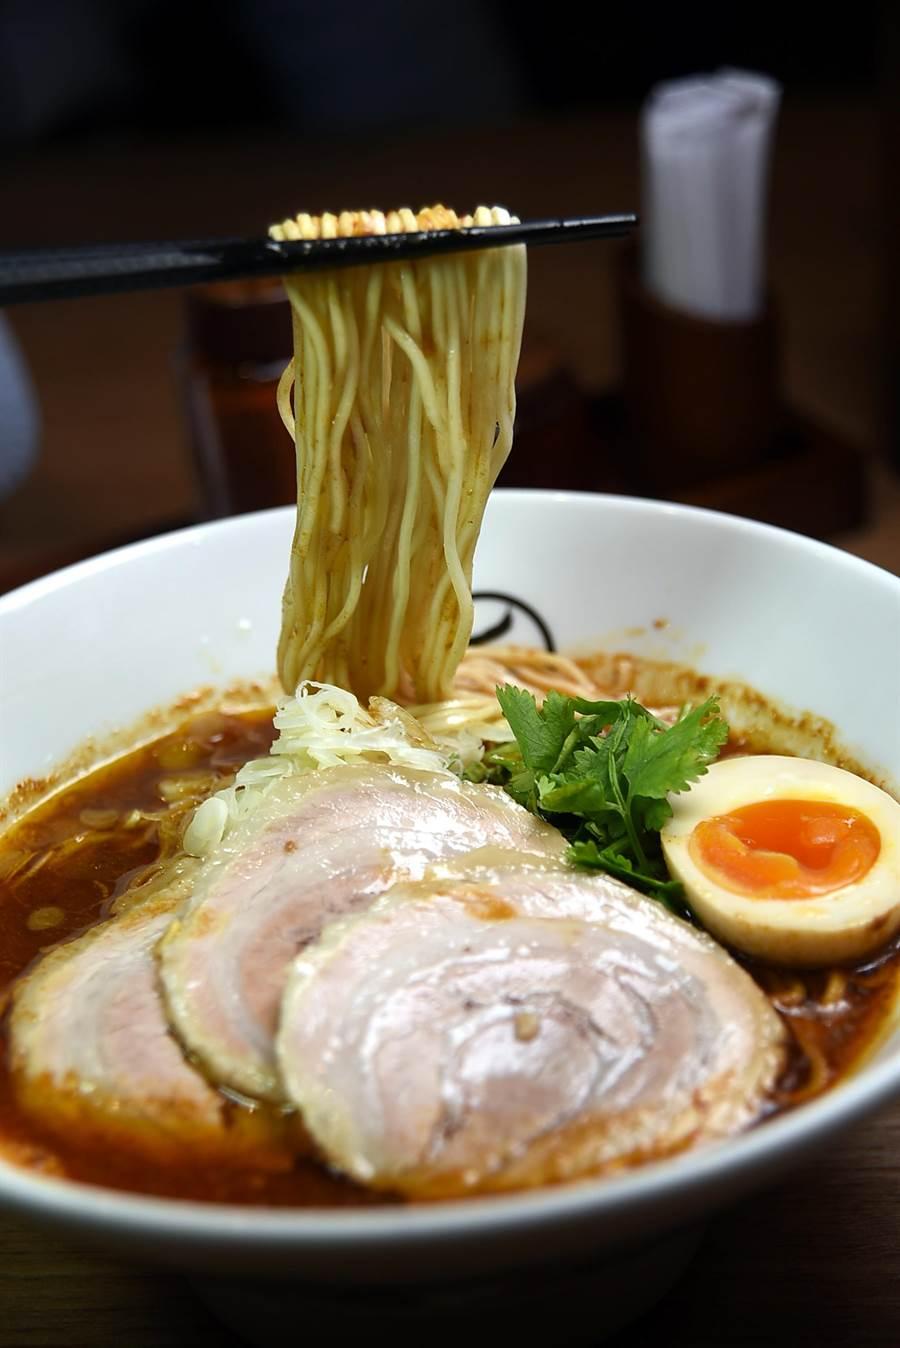 〈辛十二香拉麵〉的湯頭,是坂本幸彥專為台灣市場研發熬製,用了清高湯與3種醬油、5種味噌和10多重辛香料,味道與口感極富層次。(圖/姚舜攝)